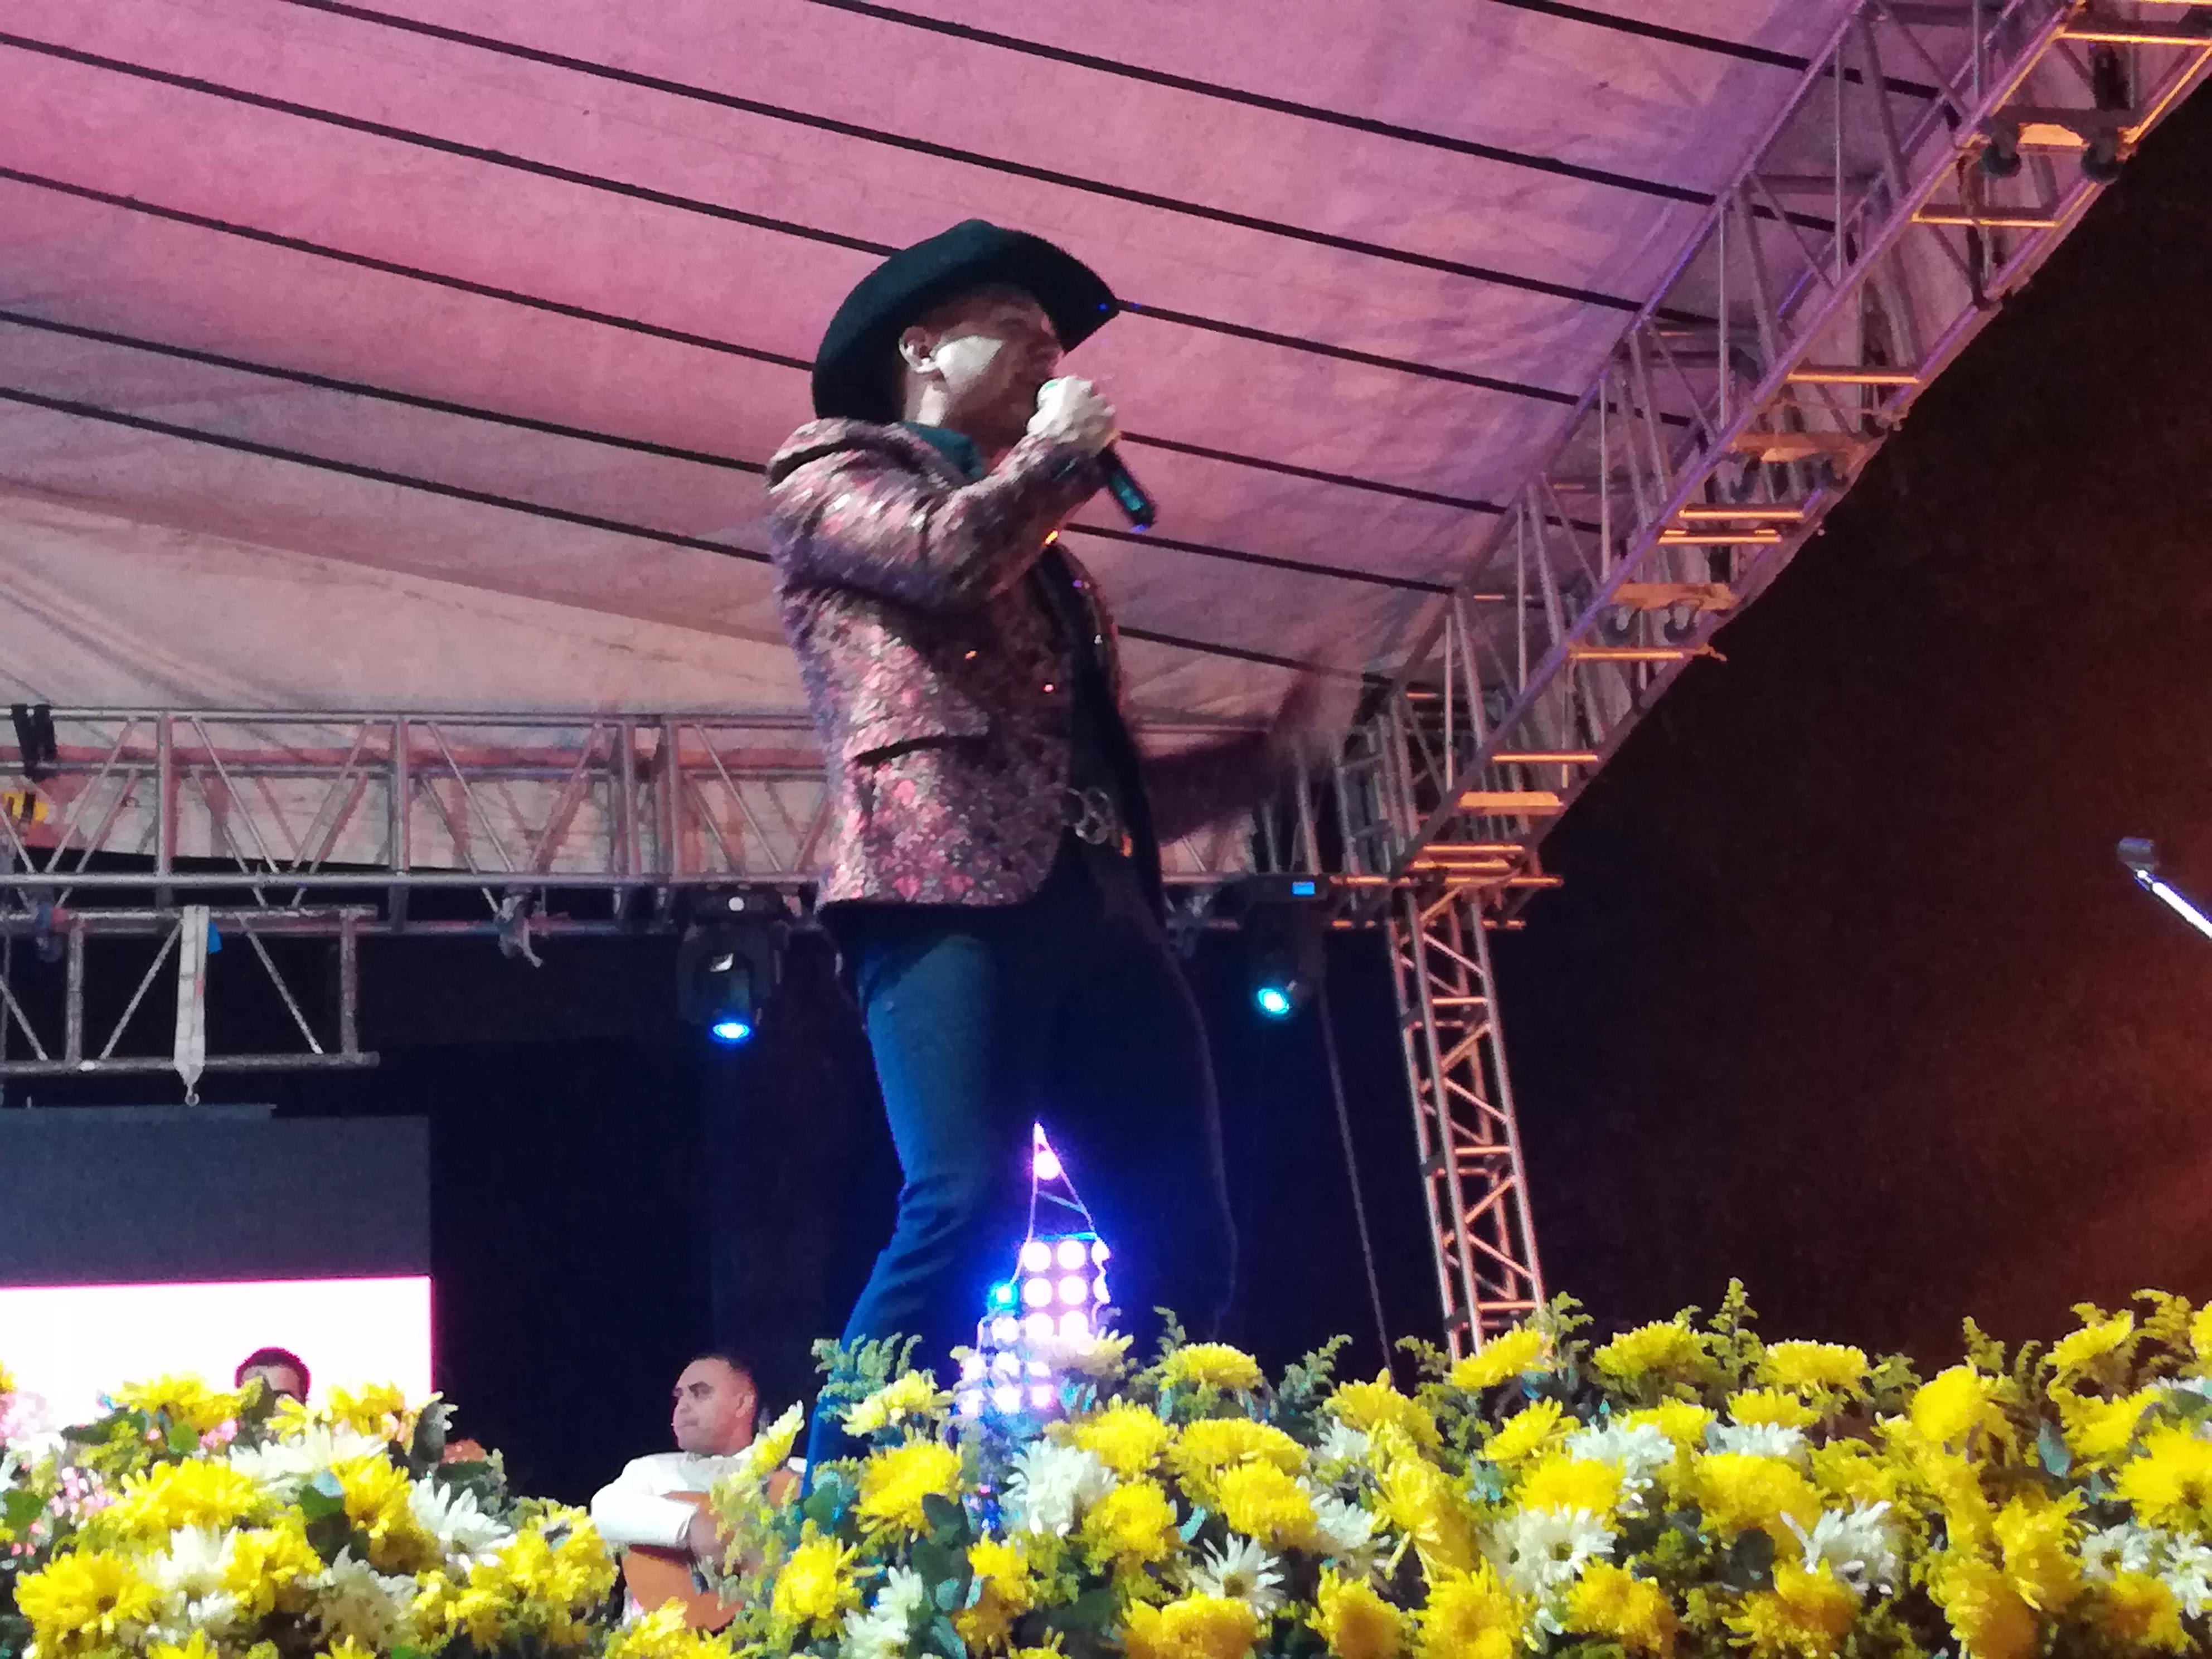 Alfredito Olivas Vuelve A Recibir Amenazas De Muerte